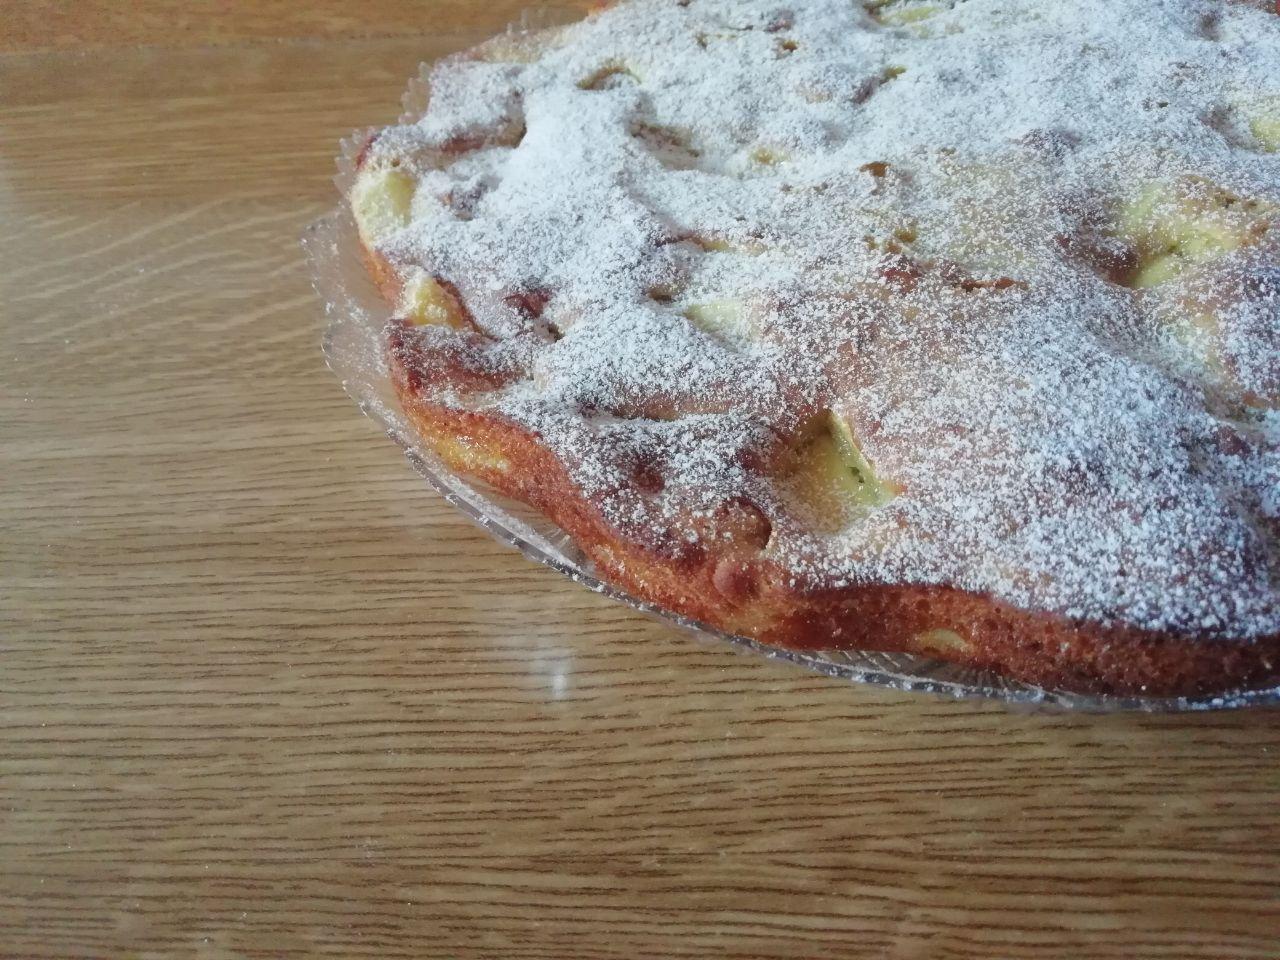 Dolci leggeri: torta con mele e pere, senza burro e senza lattosio!